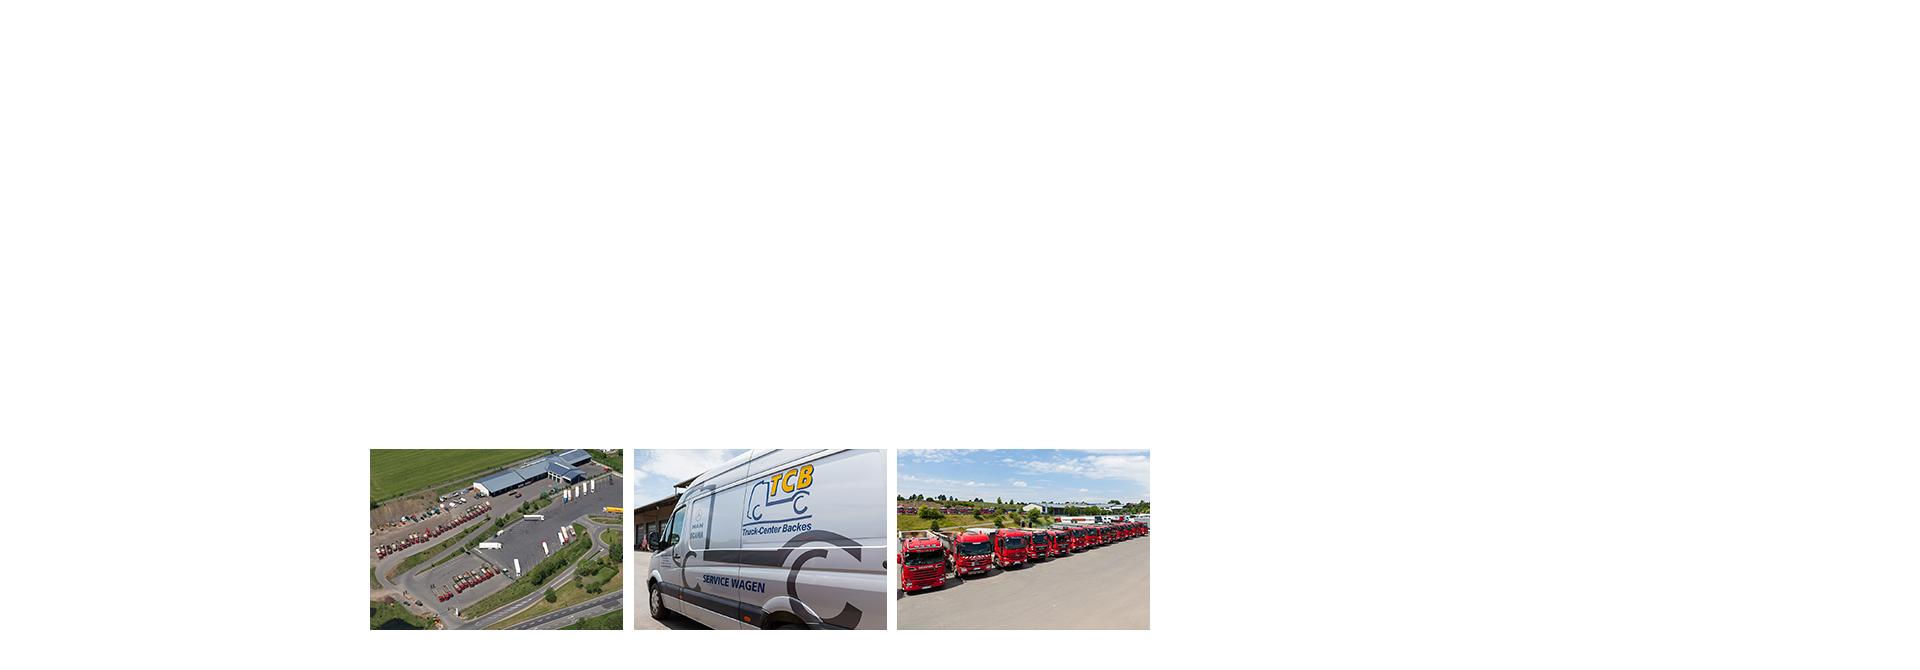 Truck-Center BACKES: Ihr Profi in Sachen Werkstatt, Lackierung, Reifen, Stahlbau, Fahrzeugbau und Sonderkonstruktionen